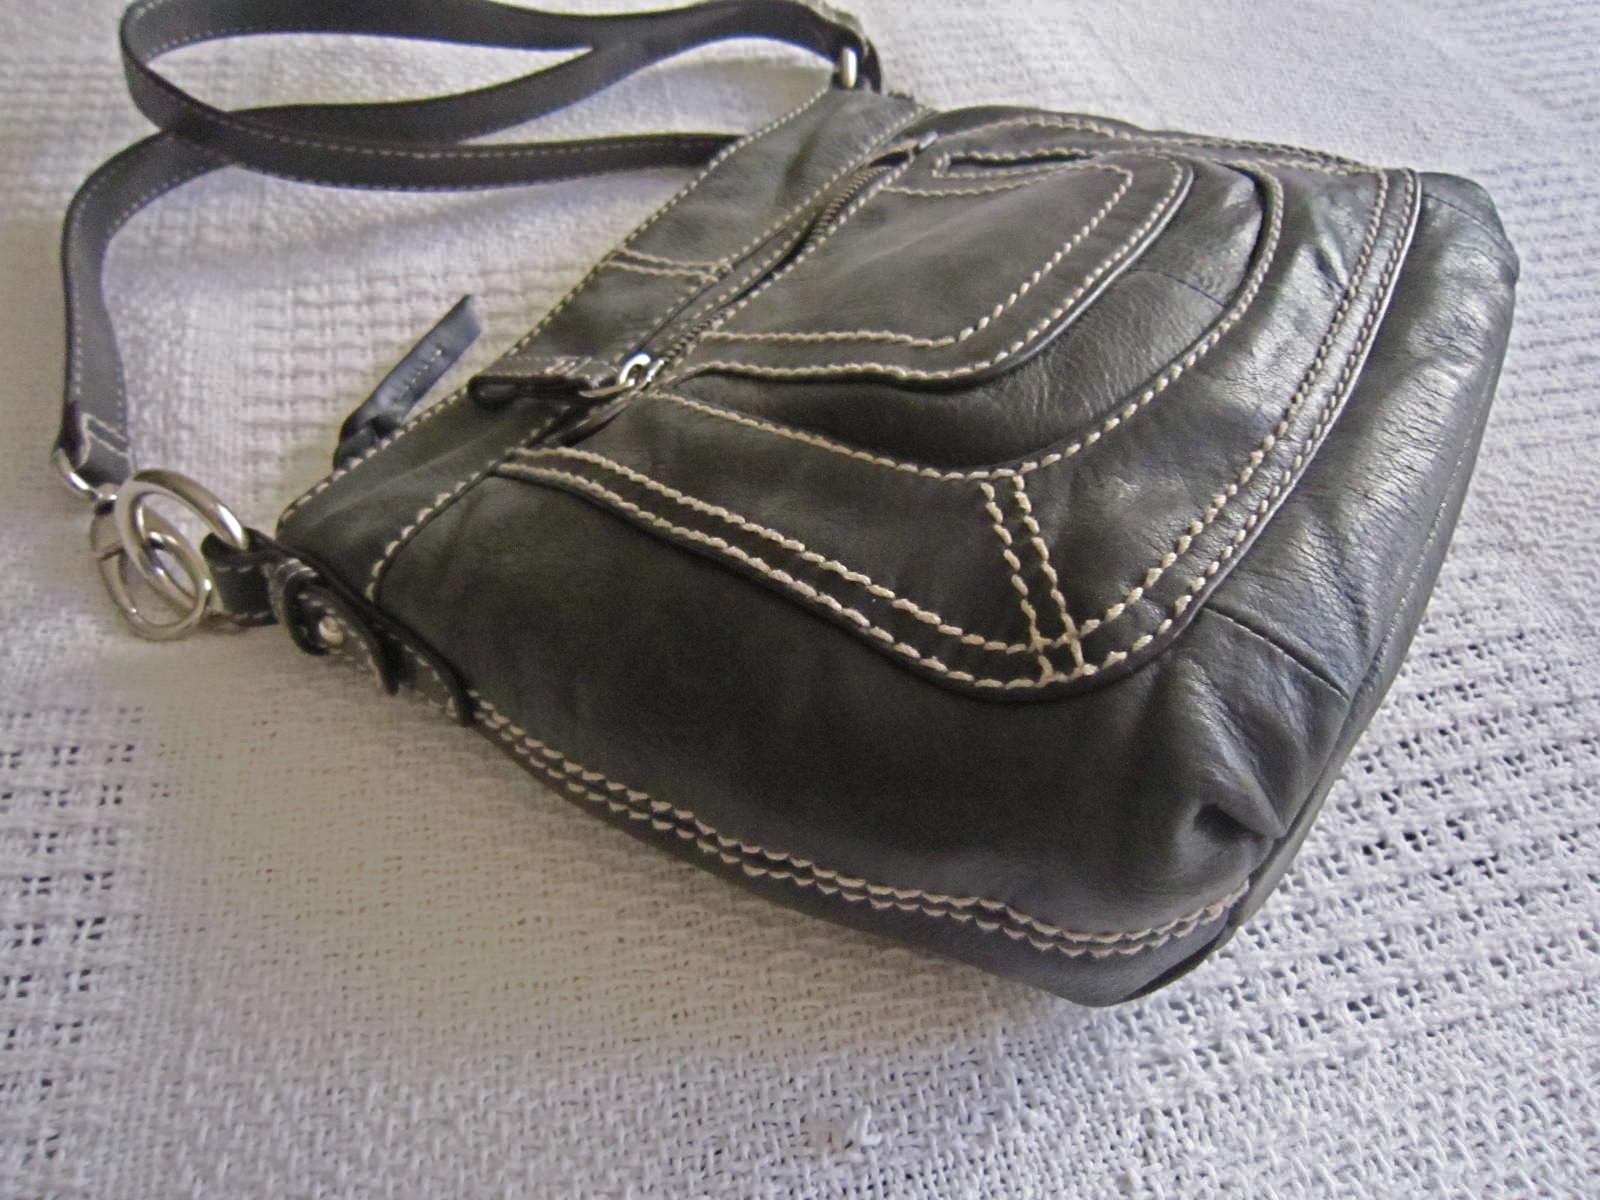 3b499a2fe974 Danier Black Leather Crossbody Bag - Luxurylana Boutique